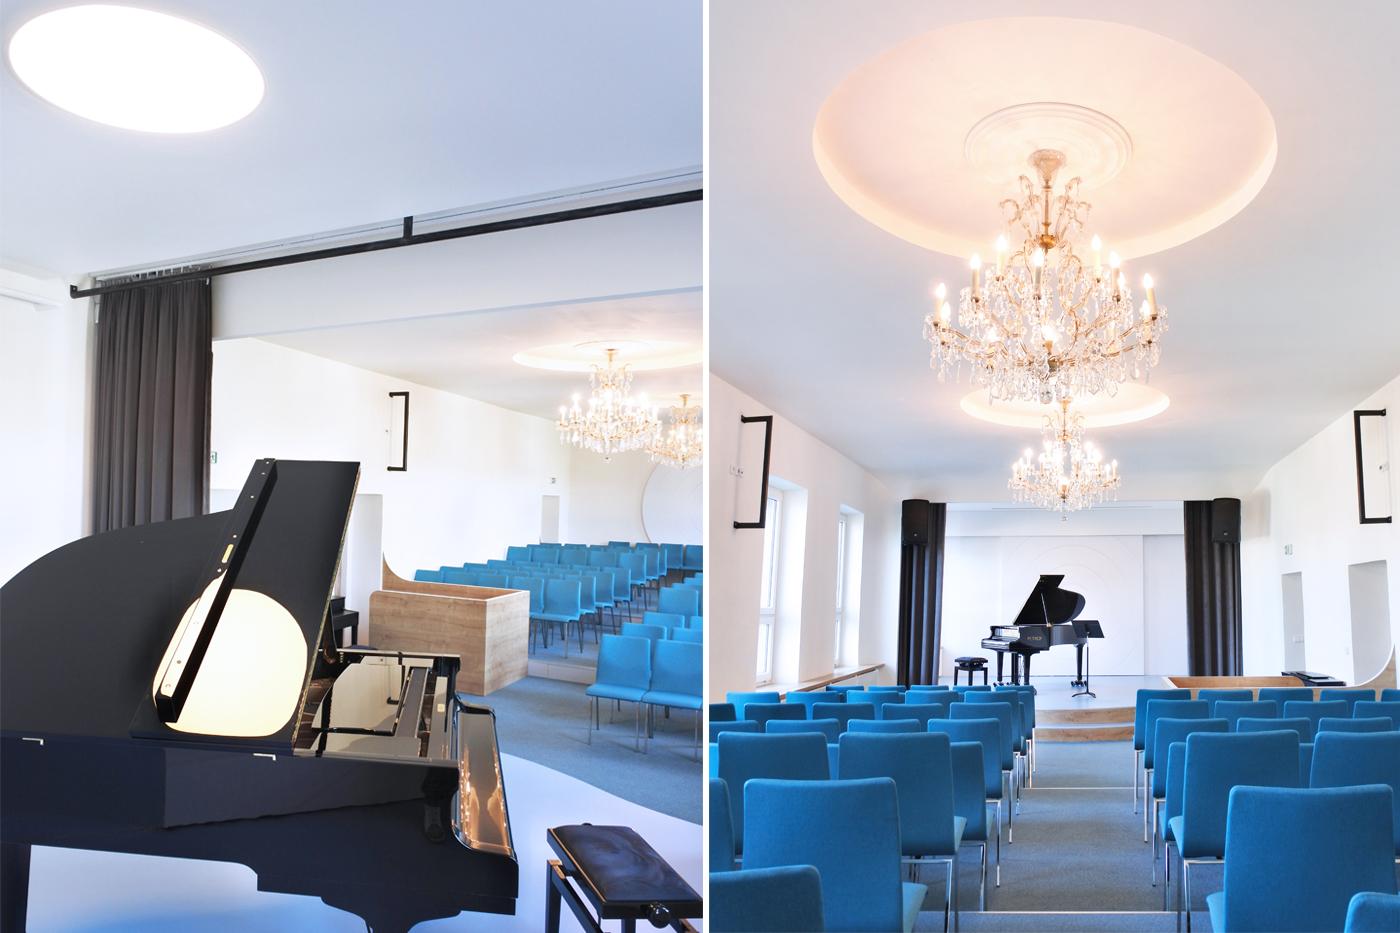 Téma soustředného kruhu se objevuje jako dekor na posuvných dveřích, protější zdi a ve stropních nikách. Materiálové a barevné řešení je soustředěno na tři prvky – bílá a modrá barva plus dřevo v dekoru dub.